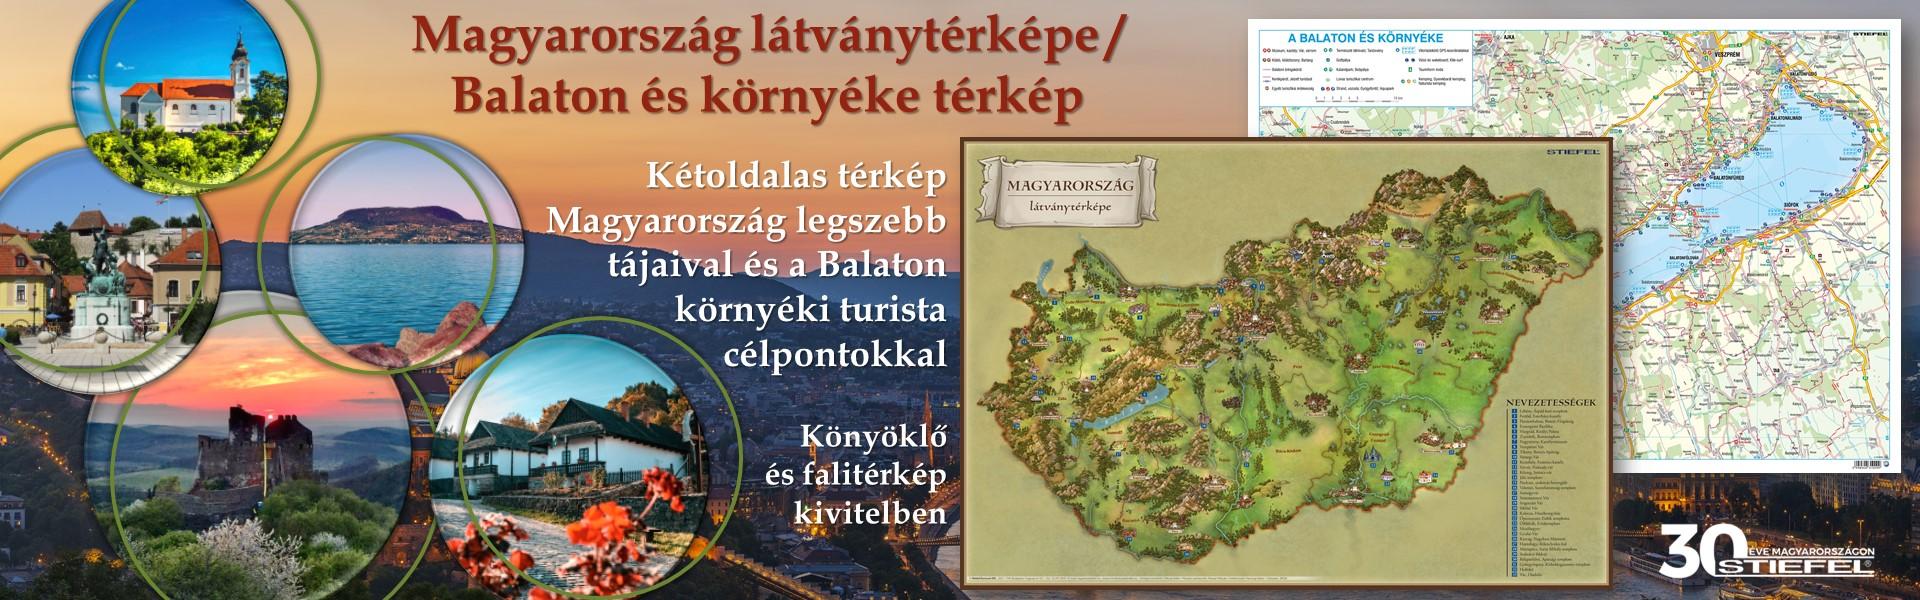 Magyarország látványtérkép - Balaton környéke